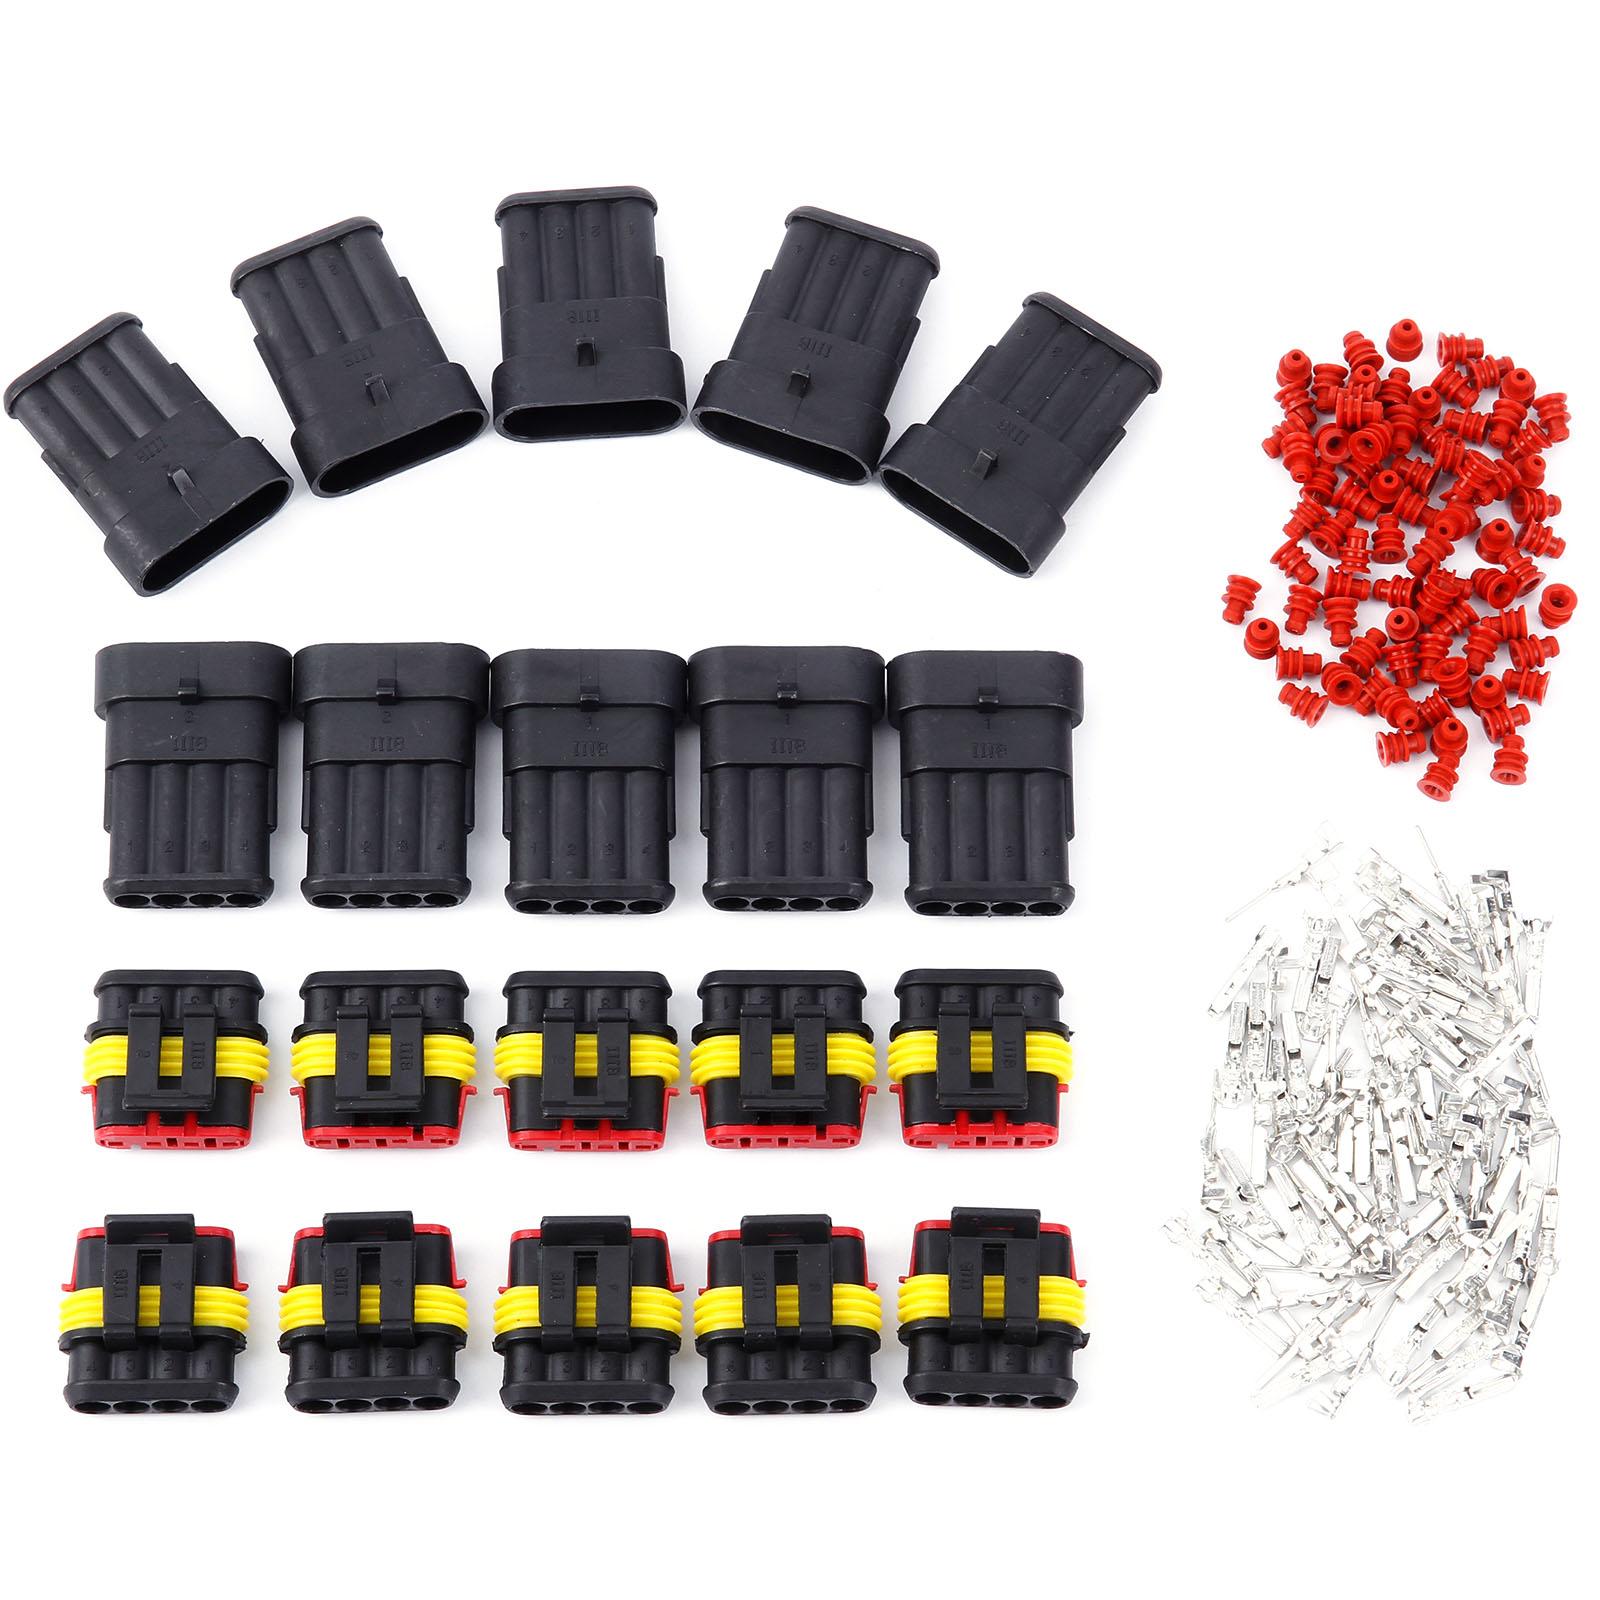 2 3 4 polig superseal set wasserdicht steckverbinder elektrik kfz rot gr n gelb ebay. Black Bedroom Furniture Sets. Home Design Ideas